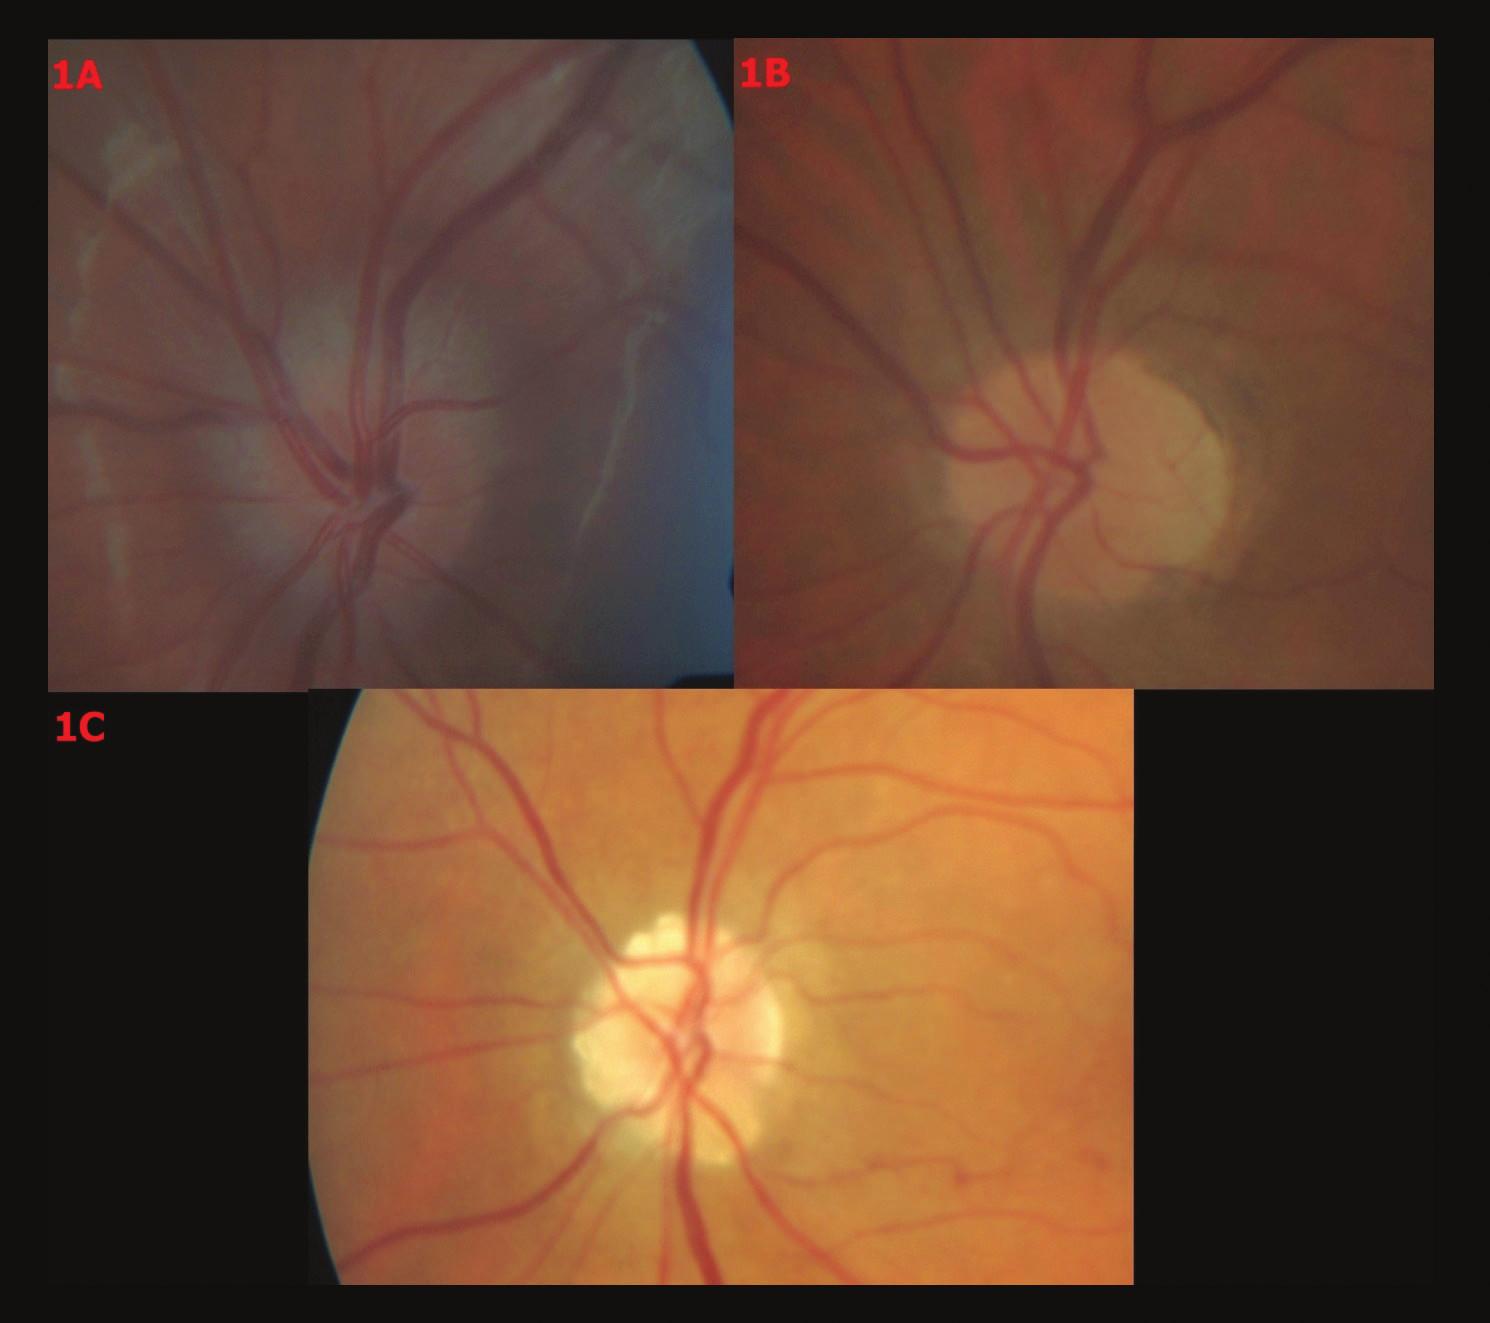 Barevné fotografické snímky papily optického nervu s různými stupni drúz. 1A – Drúzy stupně 0, 1B – drúzy stupně I, 1C – drúzy stupně II